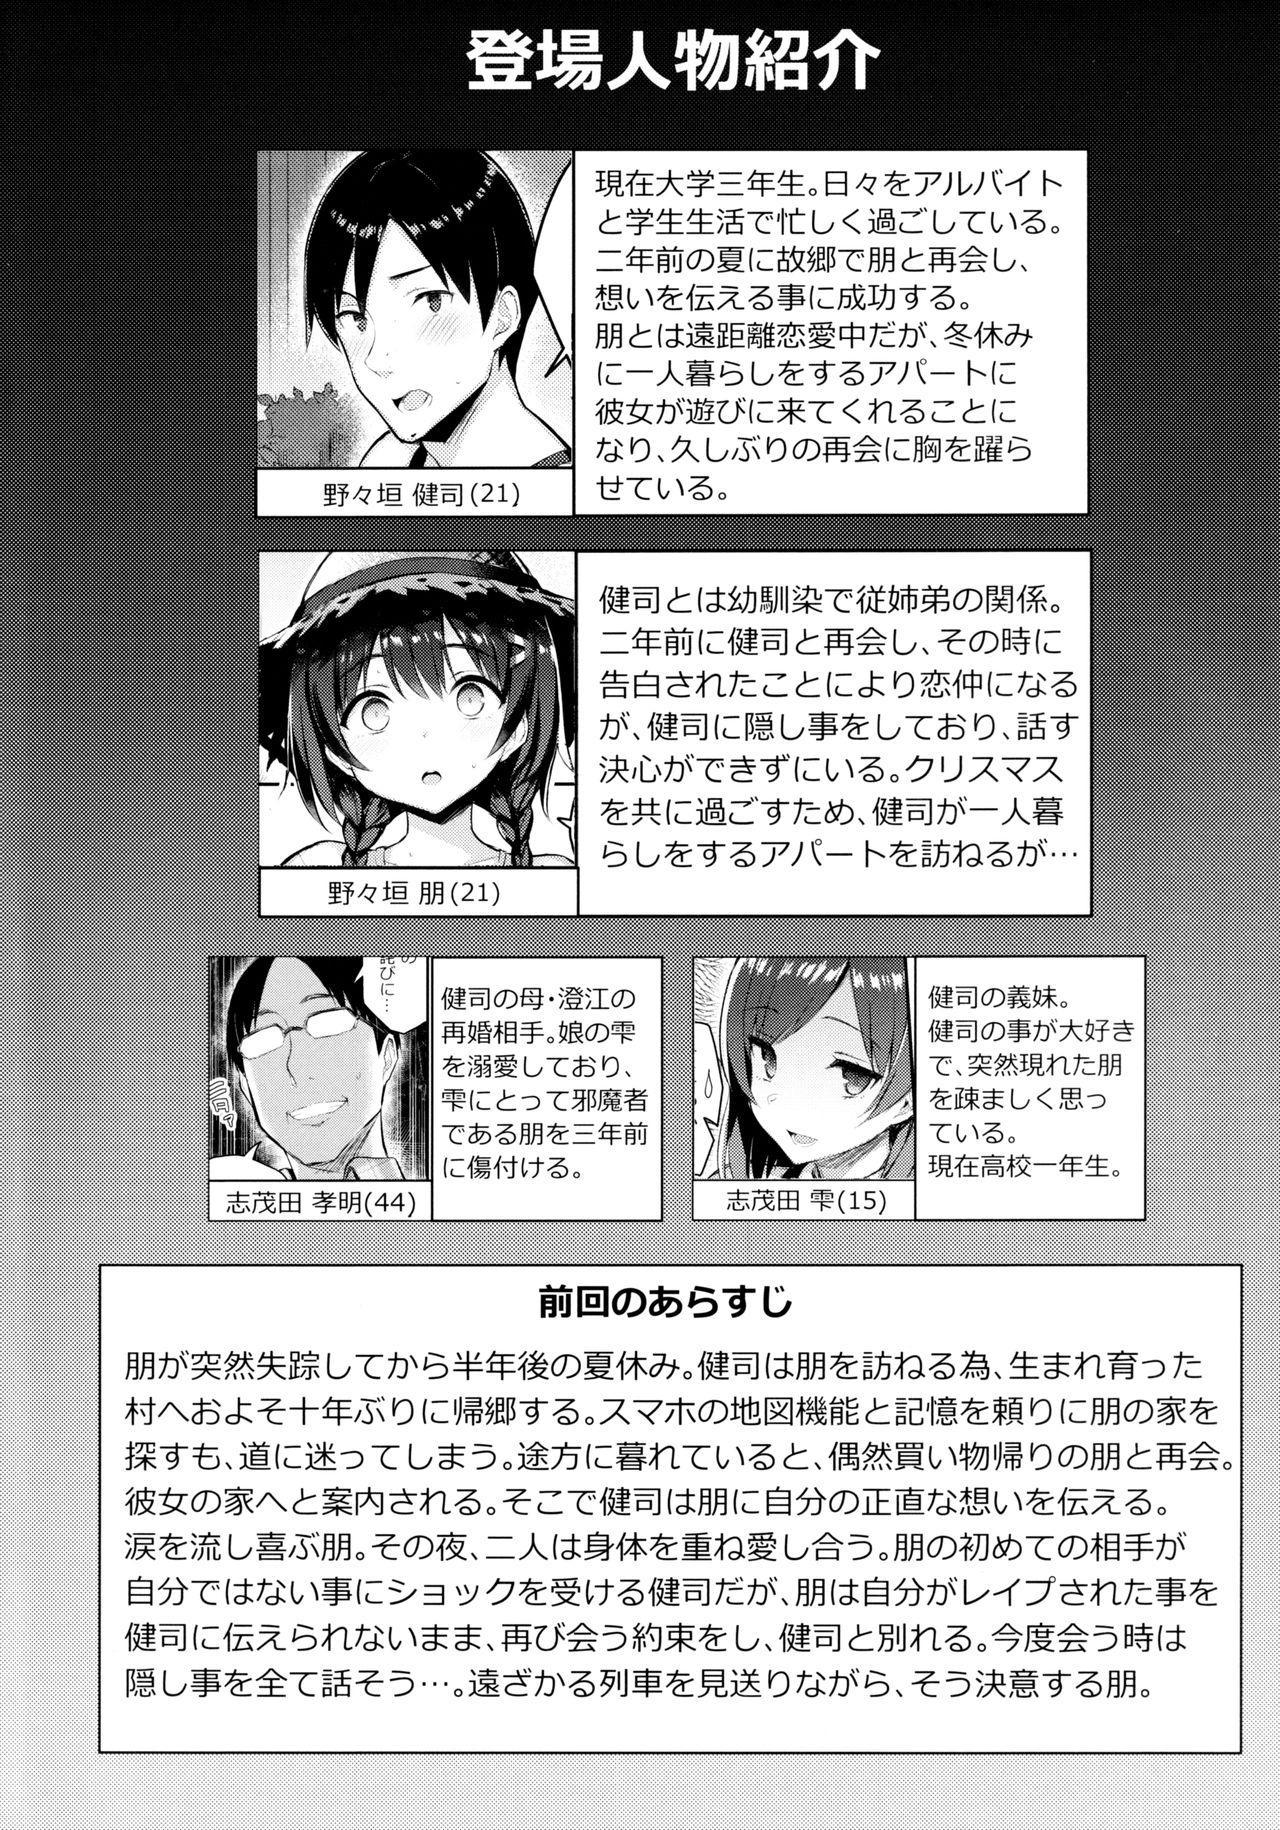 Kyonyuu Itoko ga Iru Kyuuka 3 1